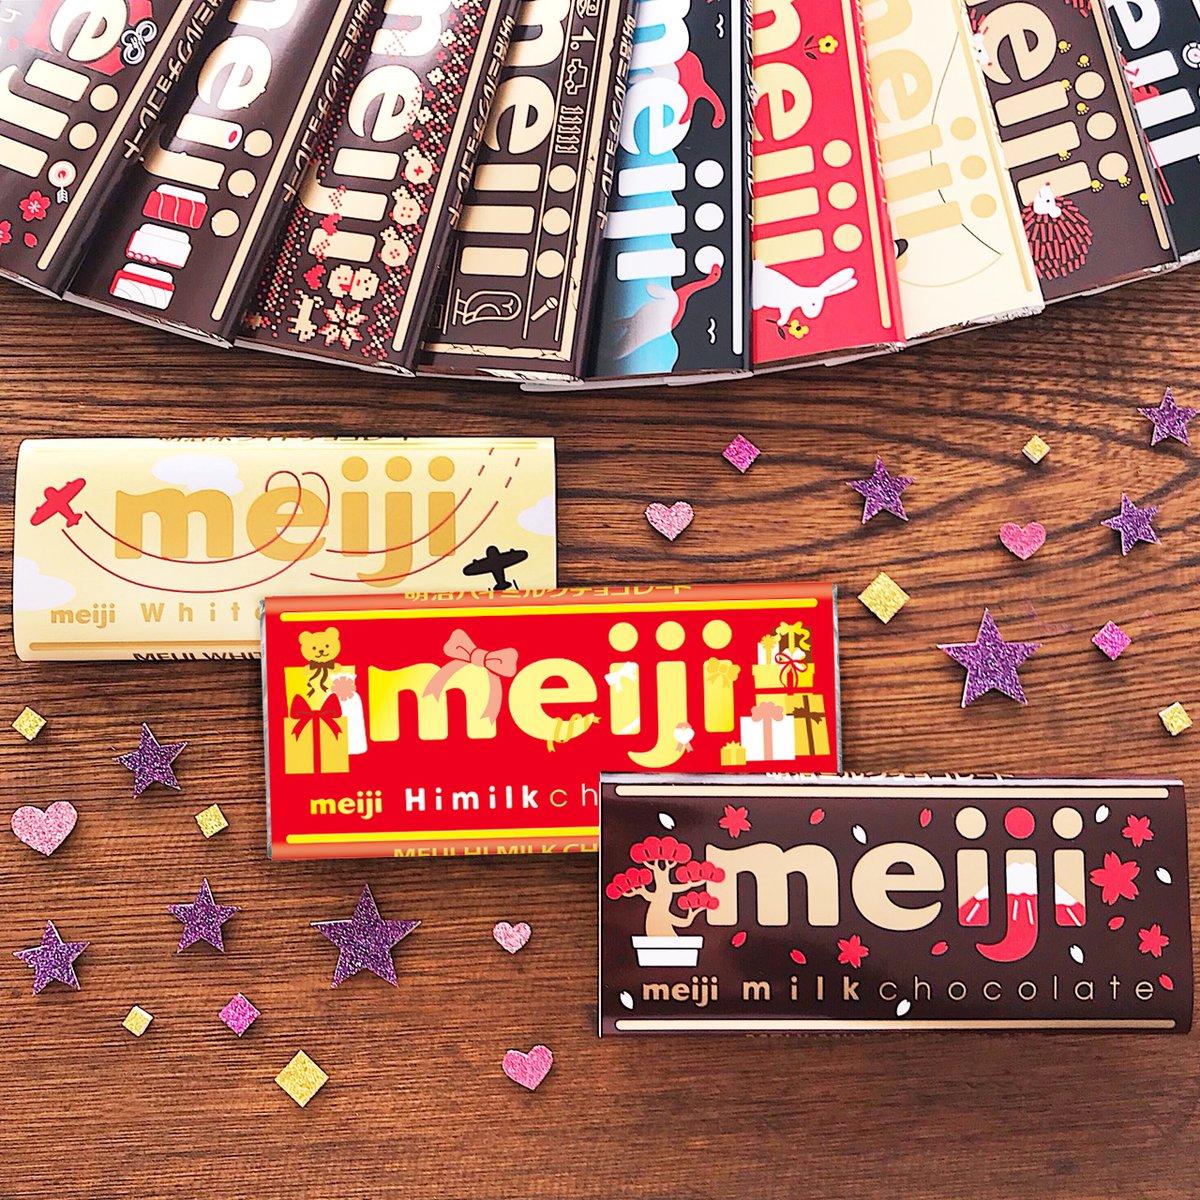 \💜💜「junの館」もうすぐオープン💜💜/  ⛅️🎁🌳…この組み合わせの占い結果はどういう意味?? junの館ではどう占ったでしょうか。答えは後日!! #junの館 #キッカケチョコ #限定ミルチ #あなたはどれが好き #ミルチ #明治ミルクチョコレート